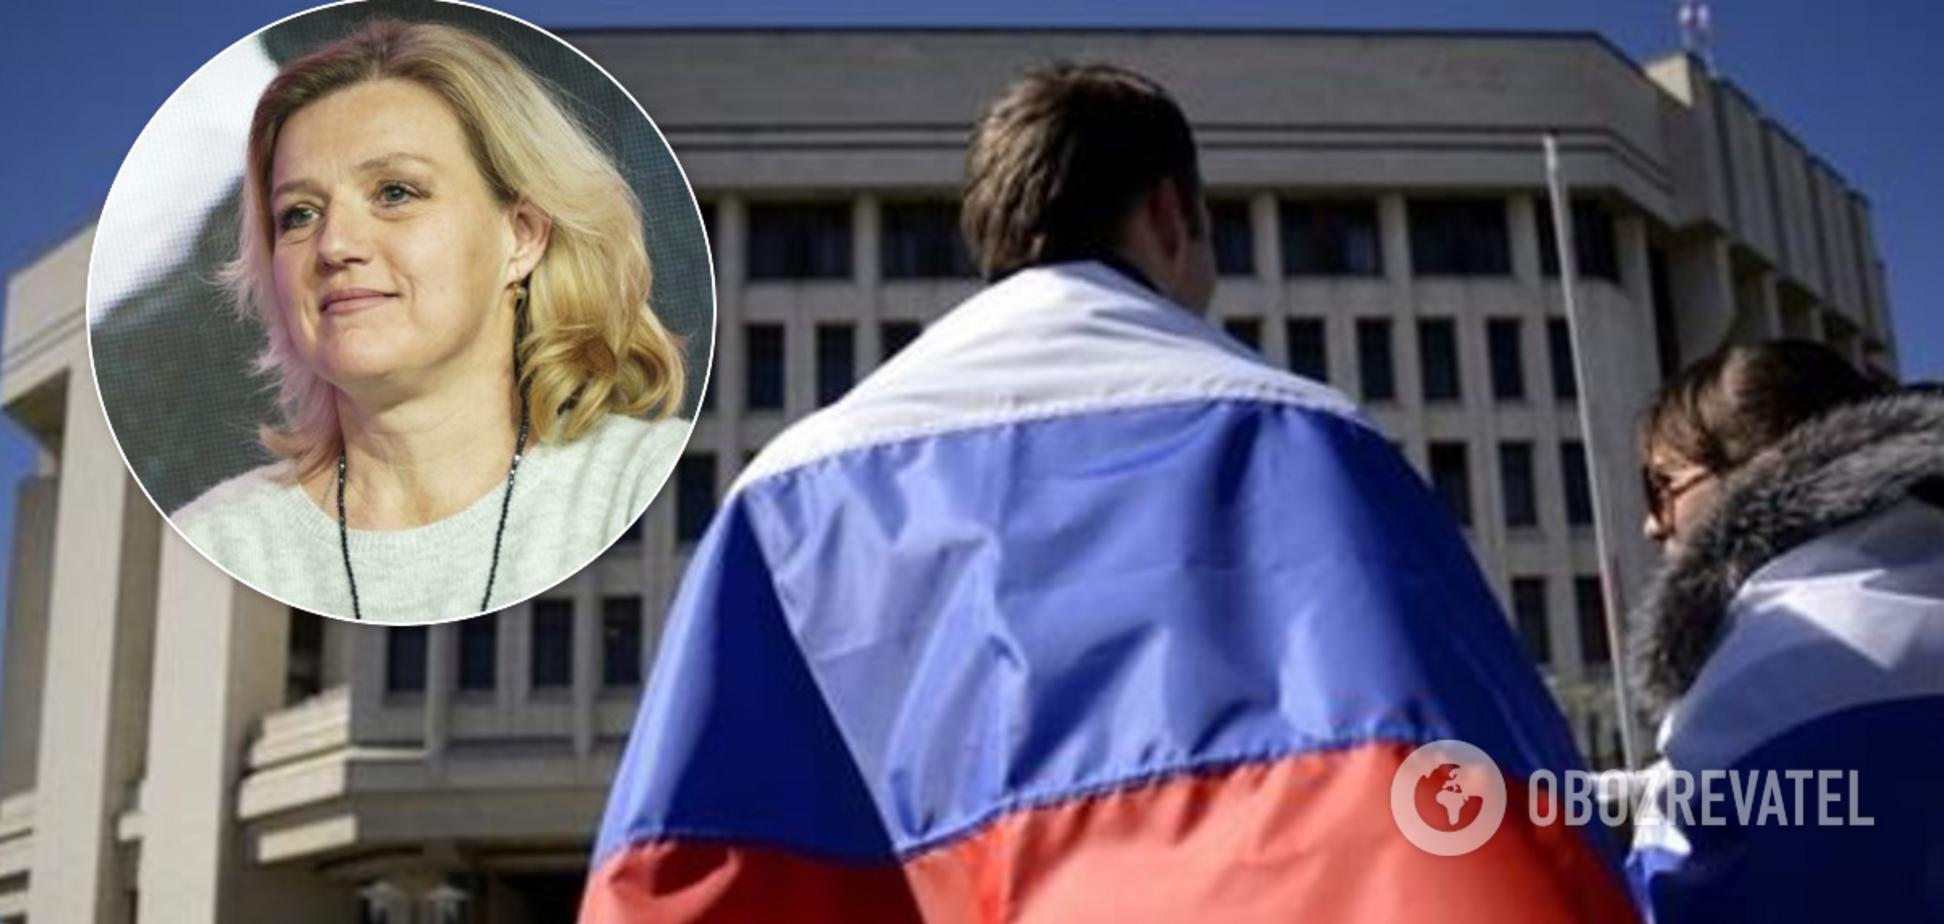 Чому Україна не зупинила сепаратизм у Криму, як у 1990-х: у СБУ дали відповідь